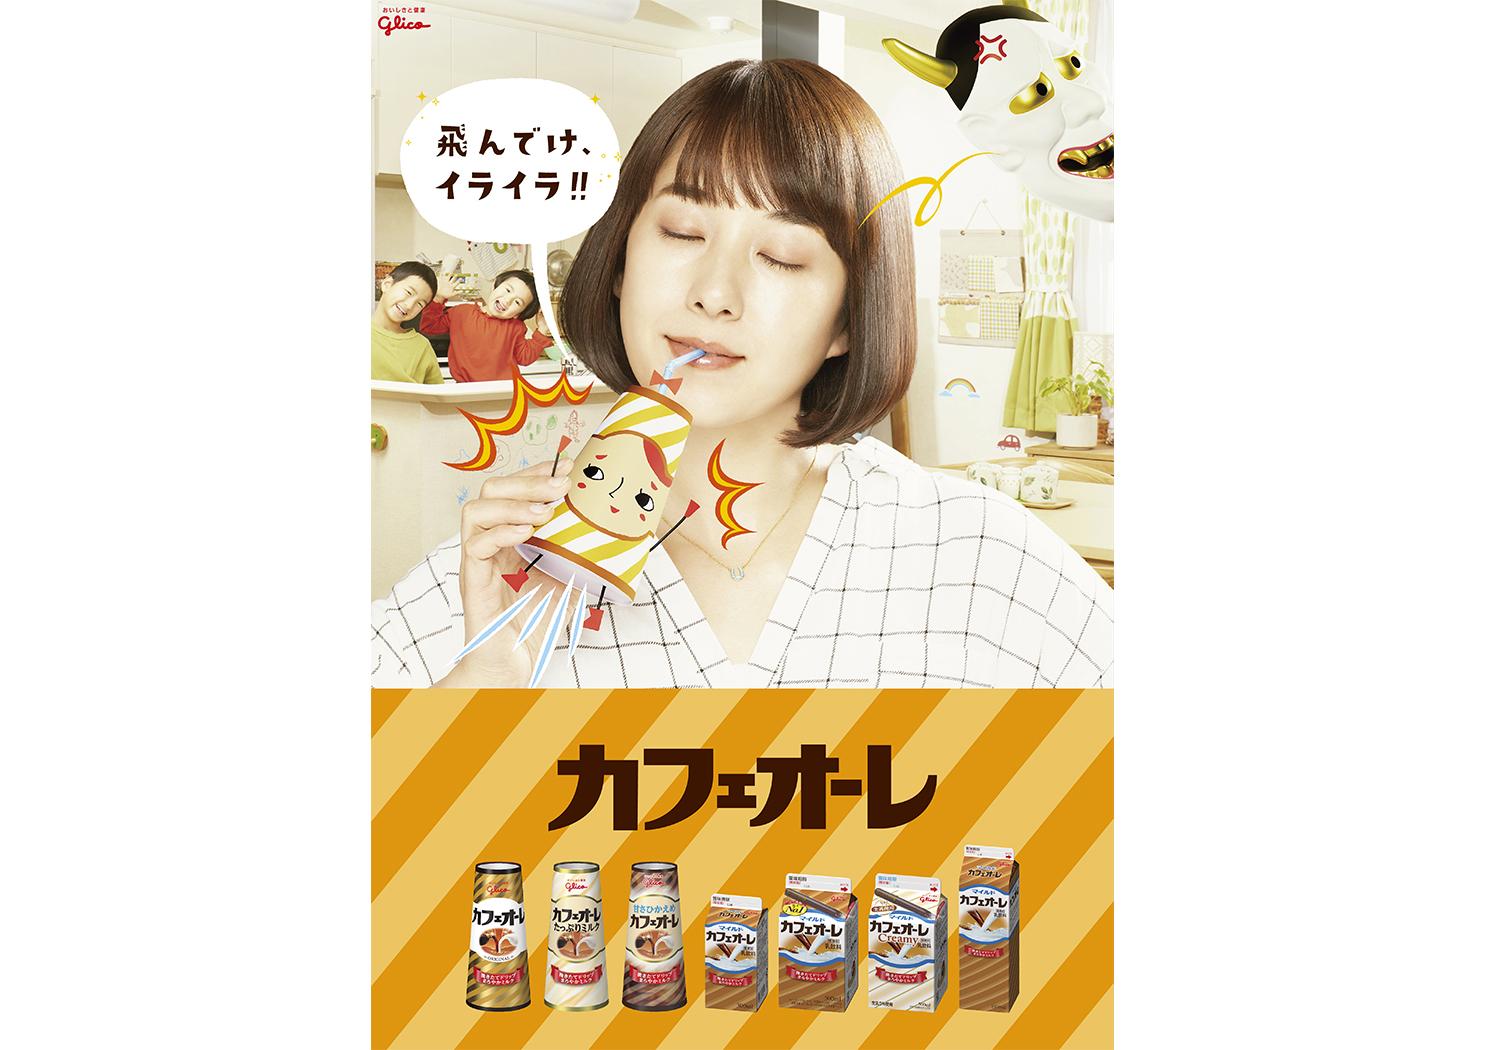 glico cafeore poster